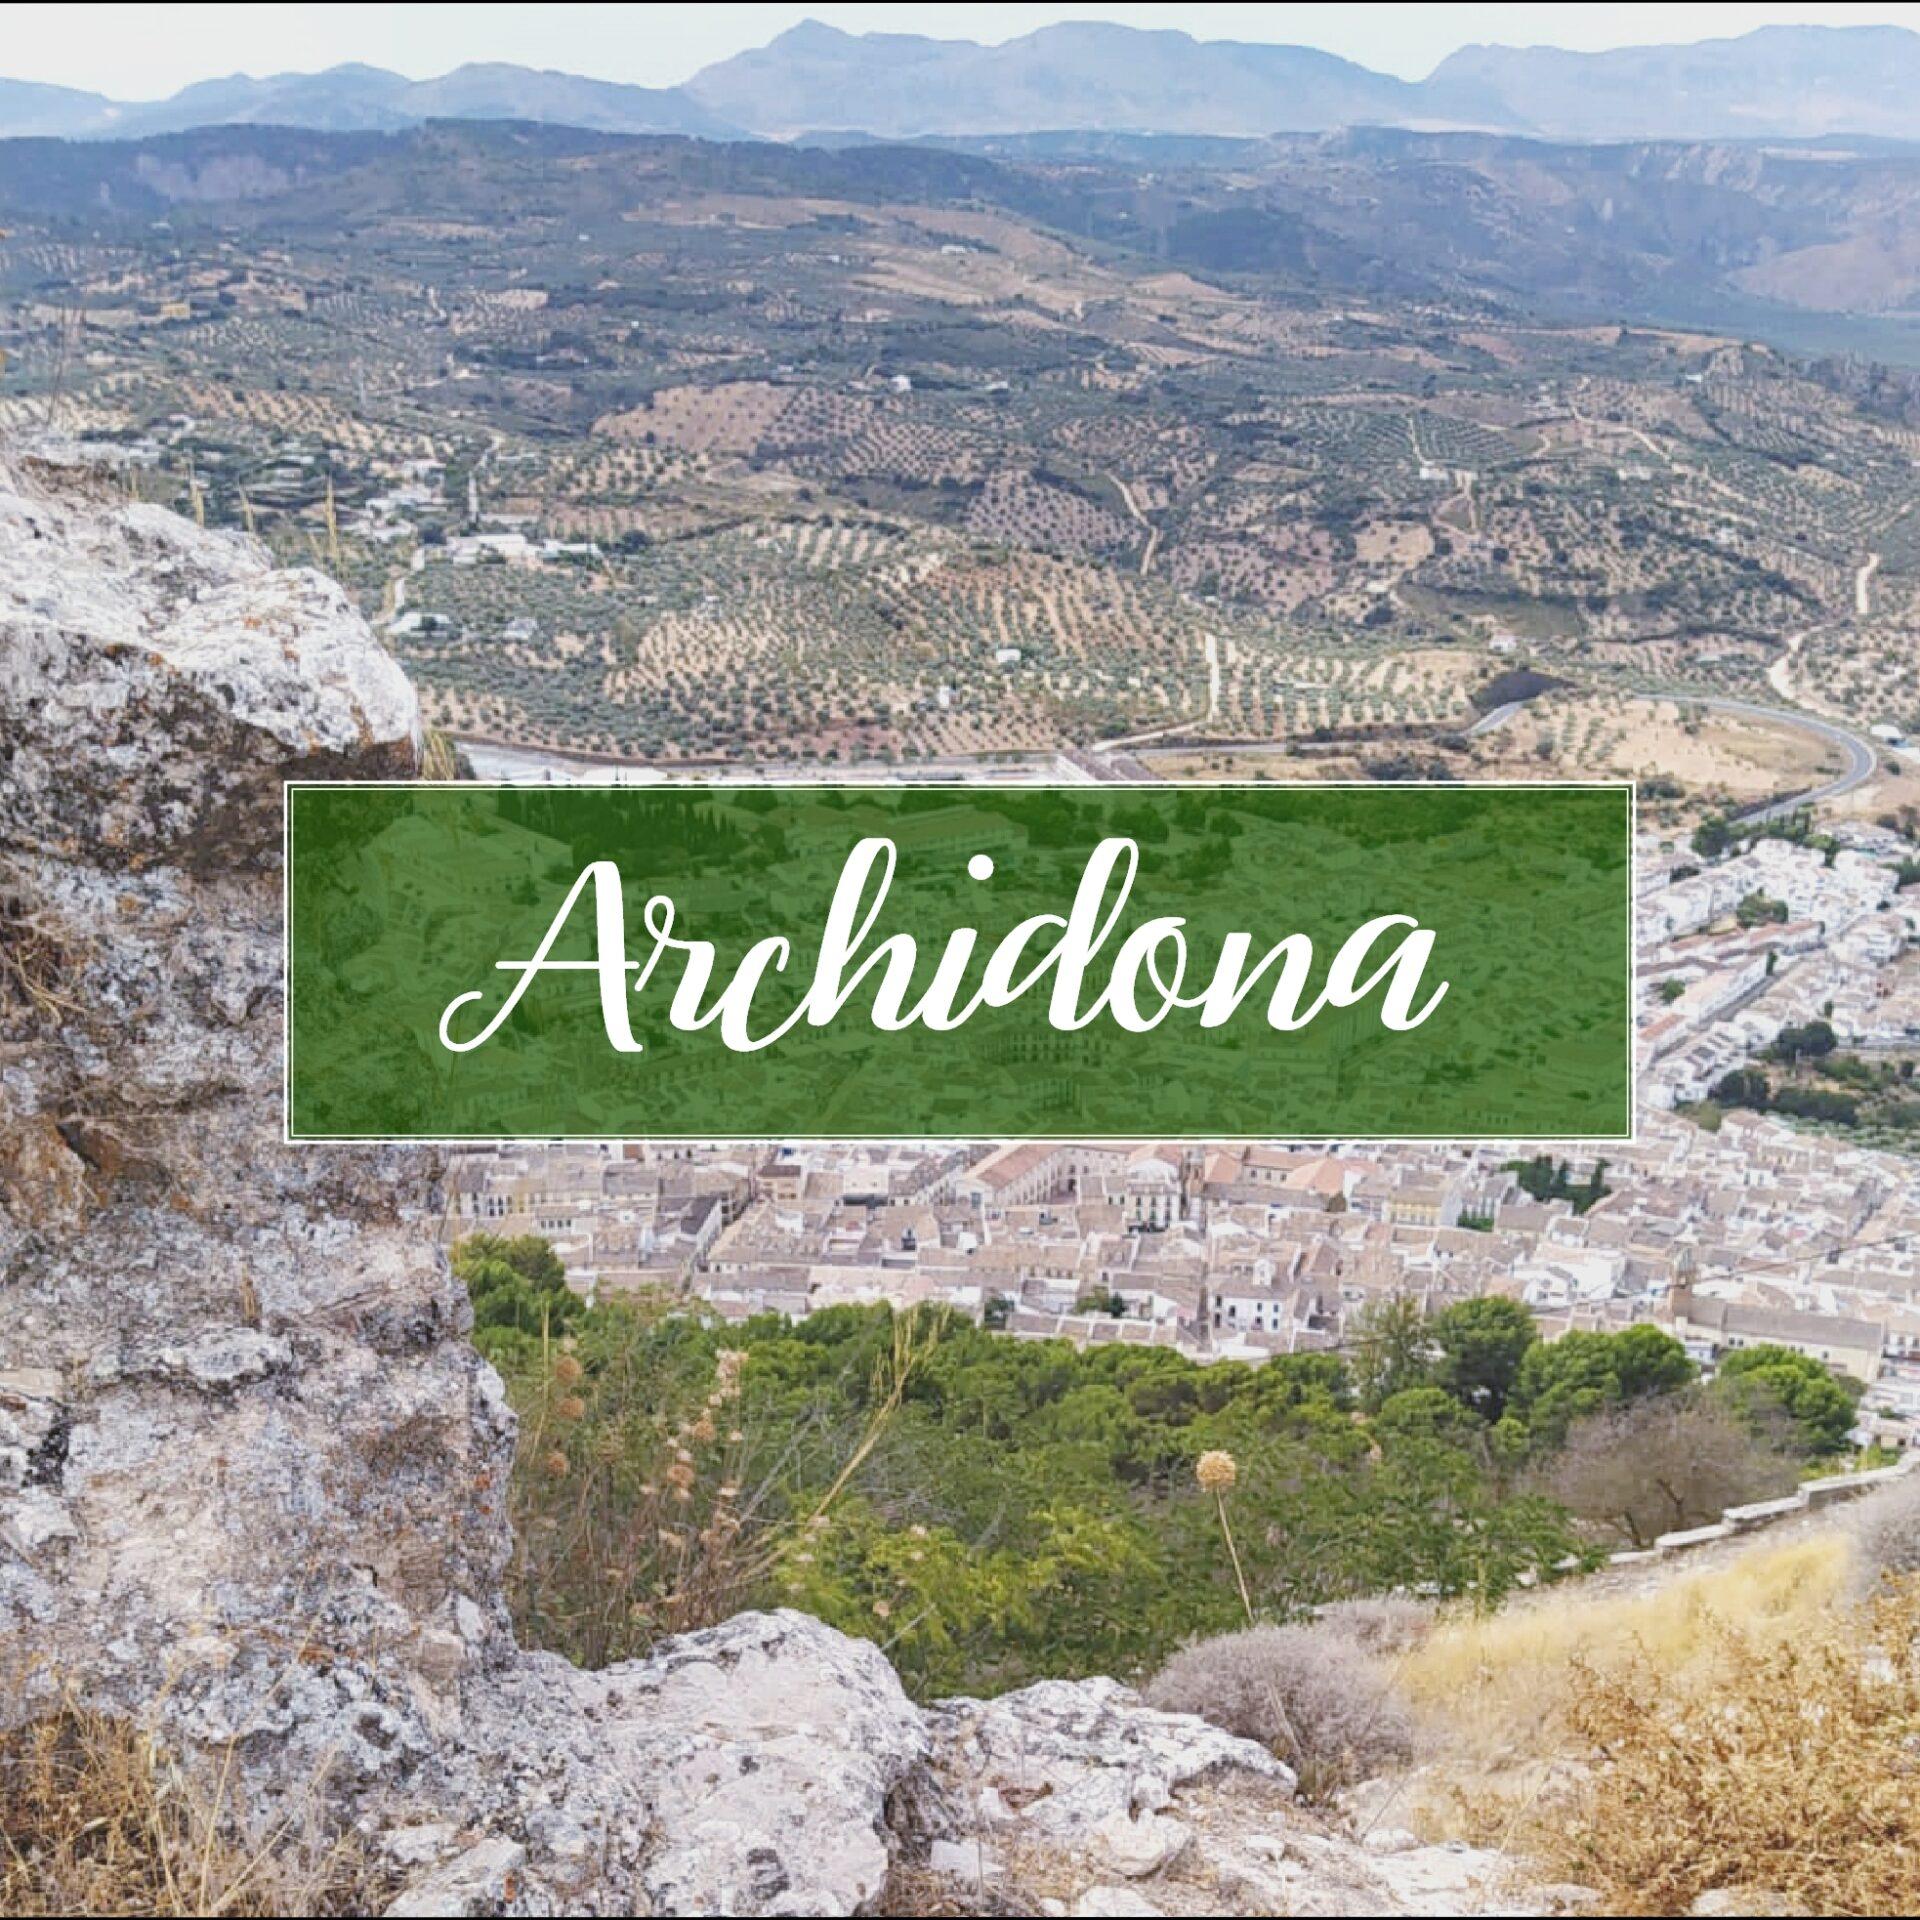 Archidona Pueblo Malaga